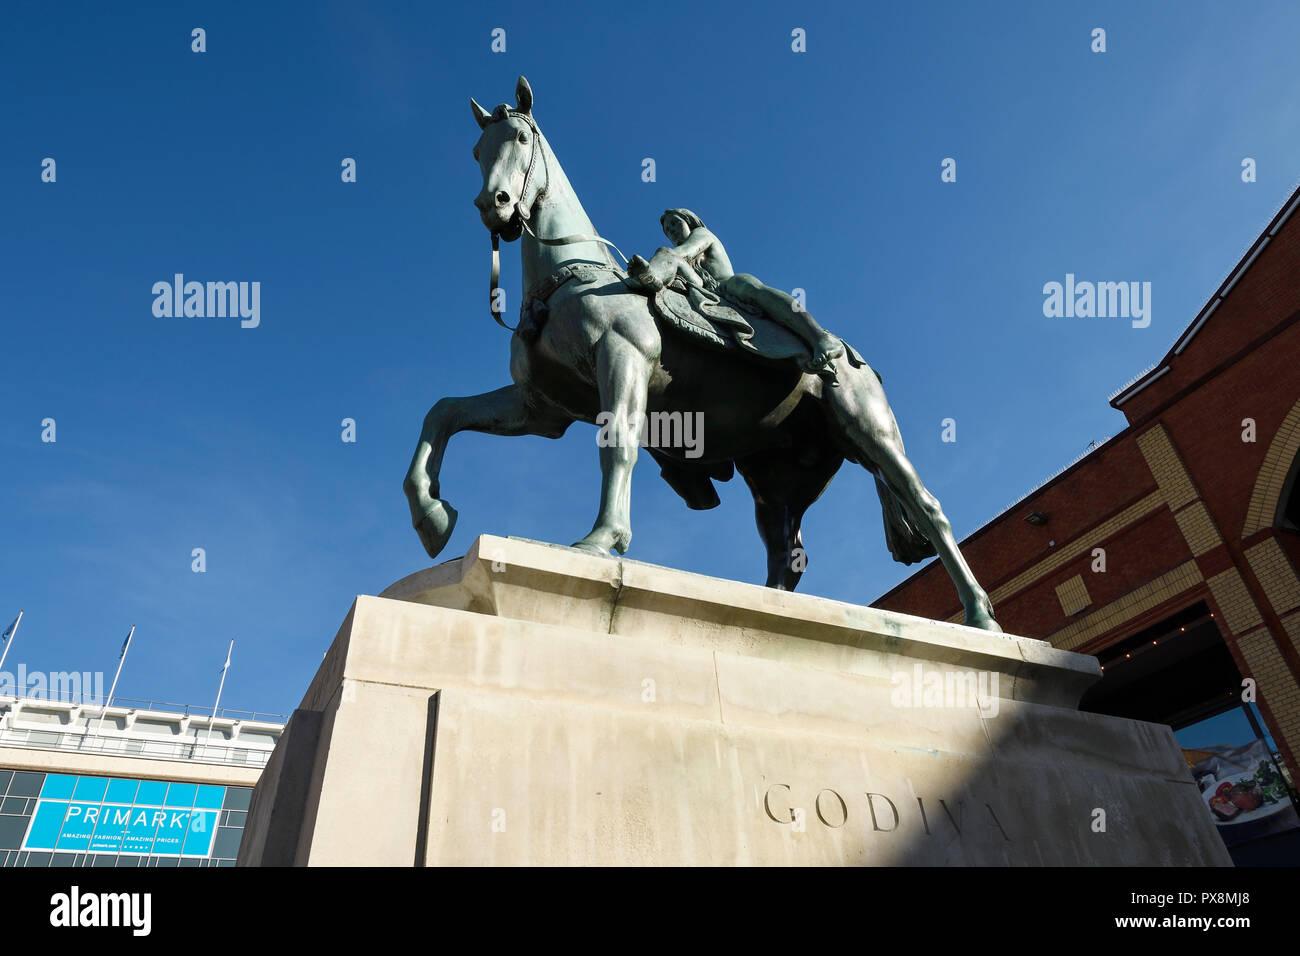 La Lady Godiva estatua en Broadgate en el centro de la ciudad de Coventry Reino Unido Foto de stock